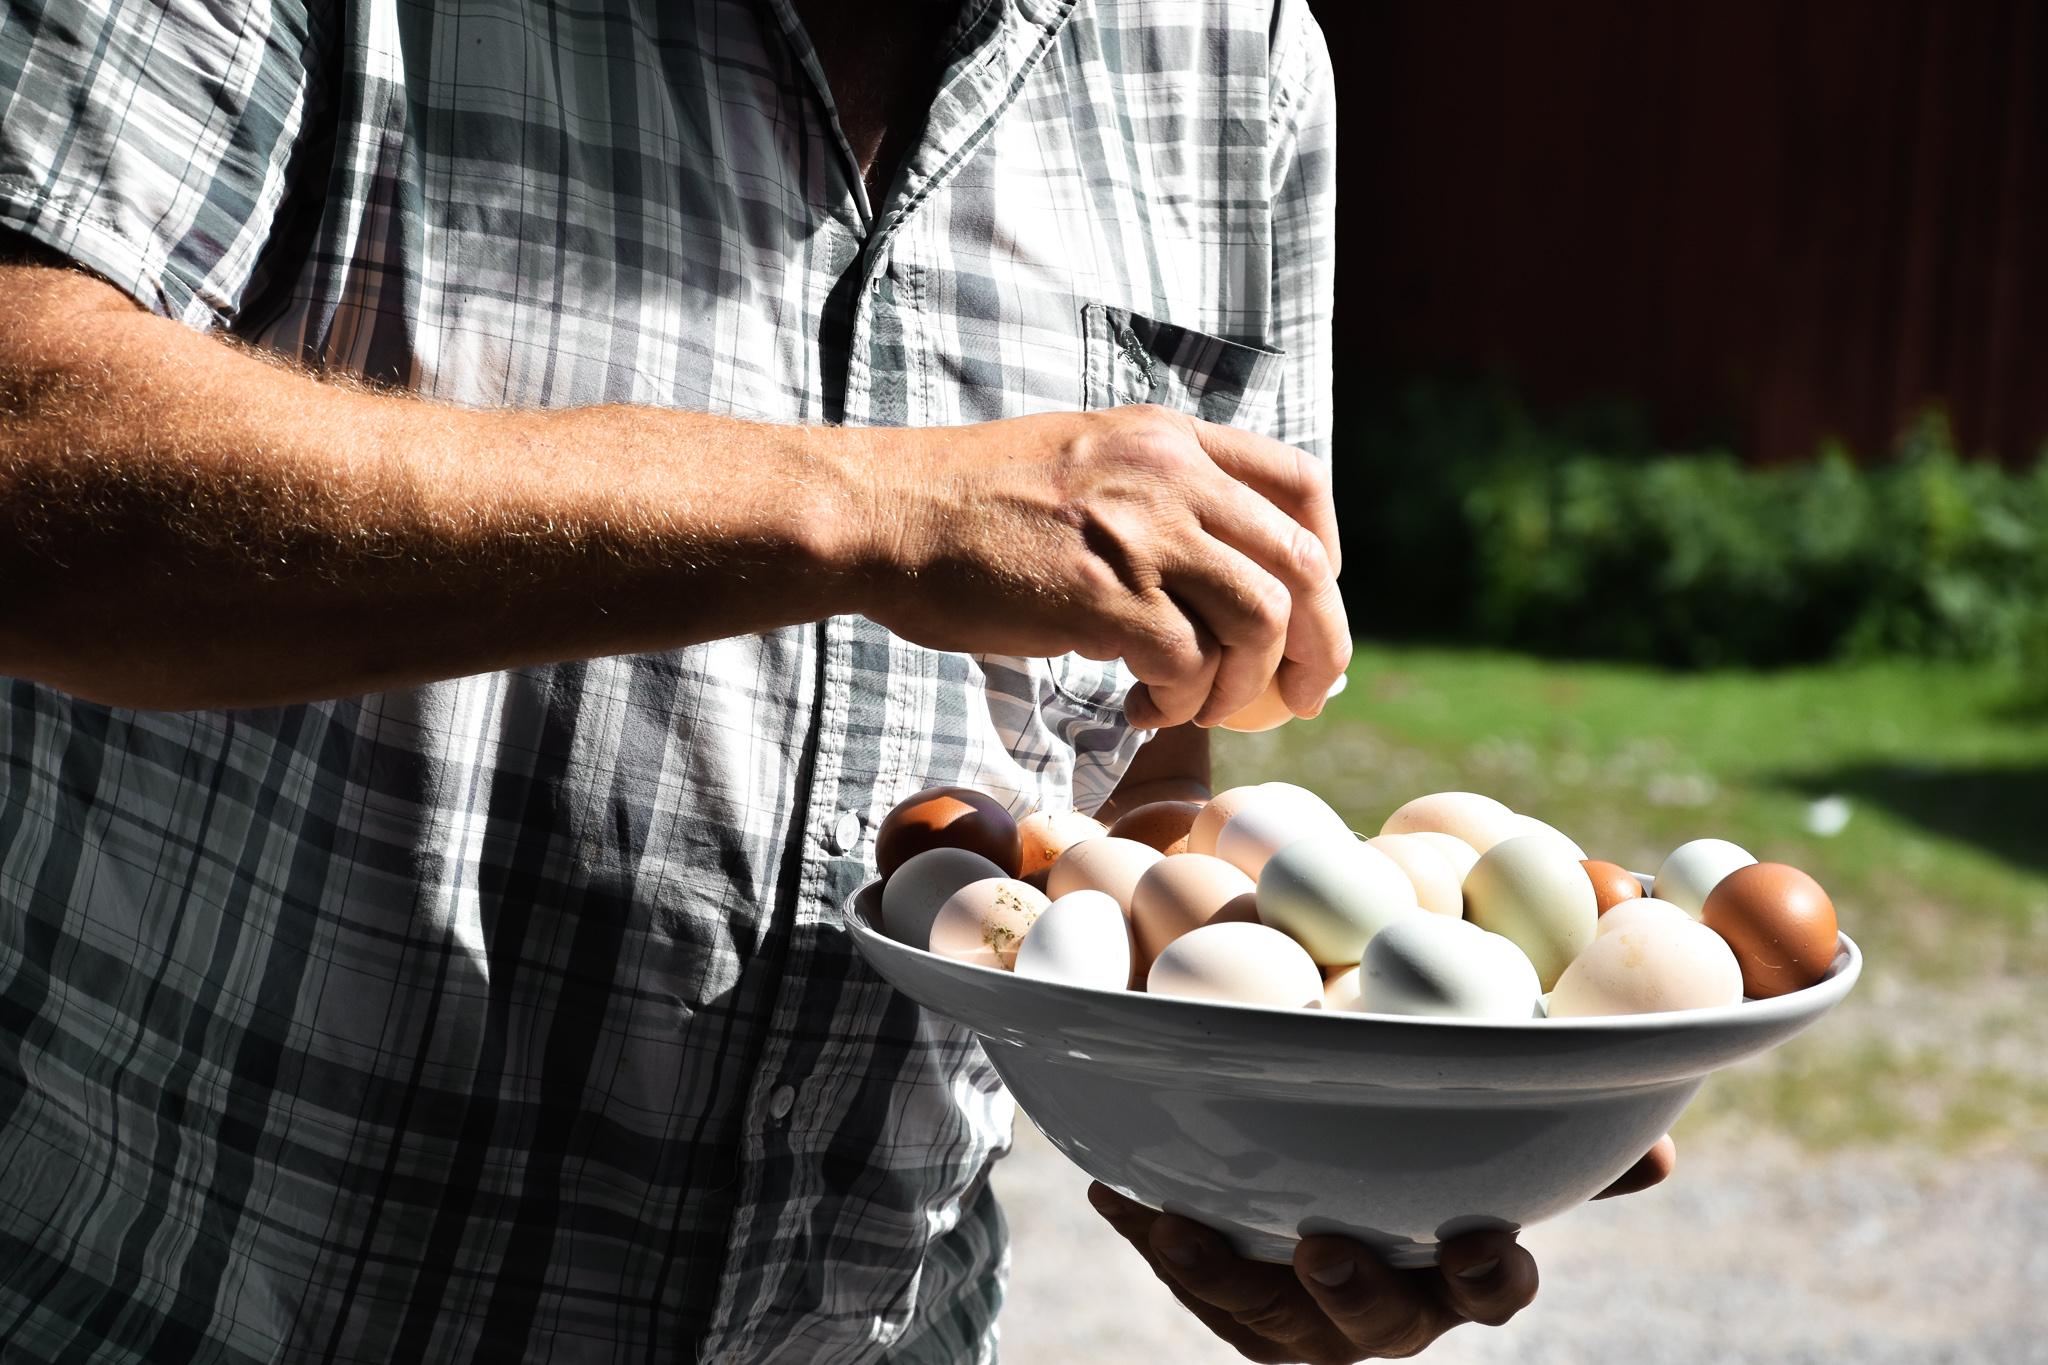 Äggen skiftar i olika pastellfärger beroende på hönssort